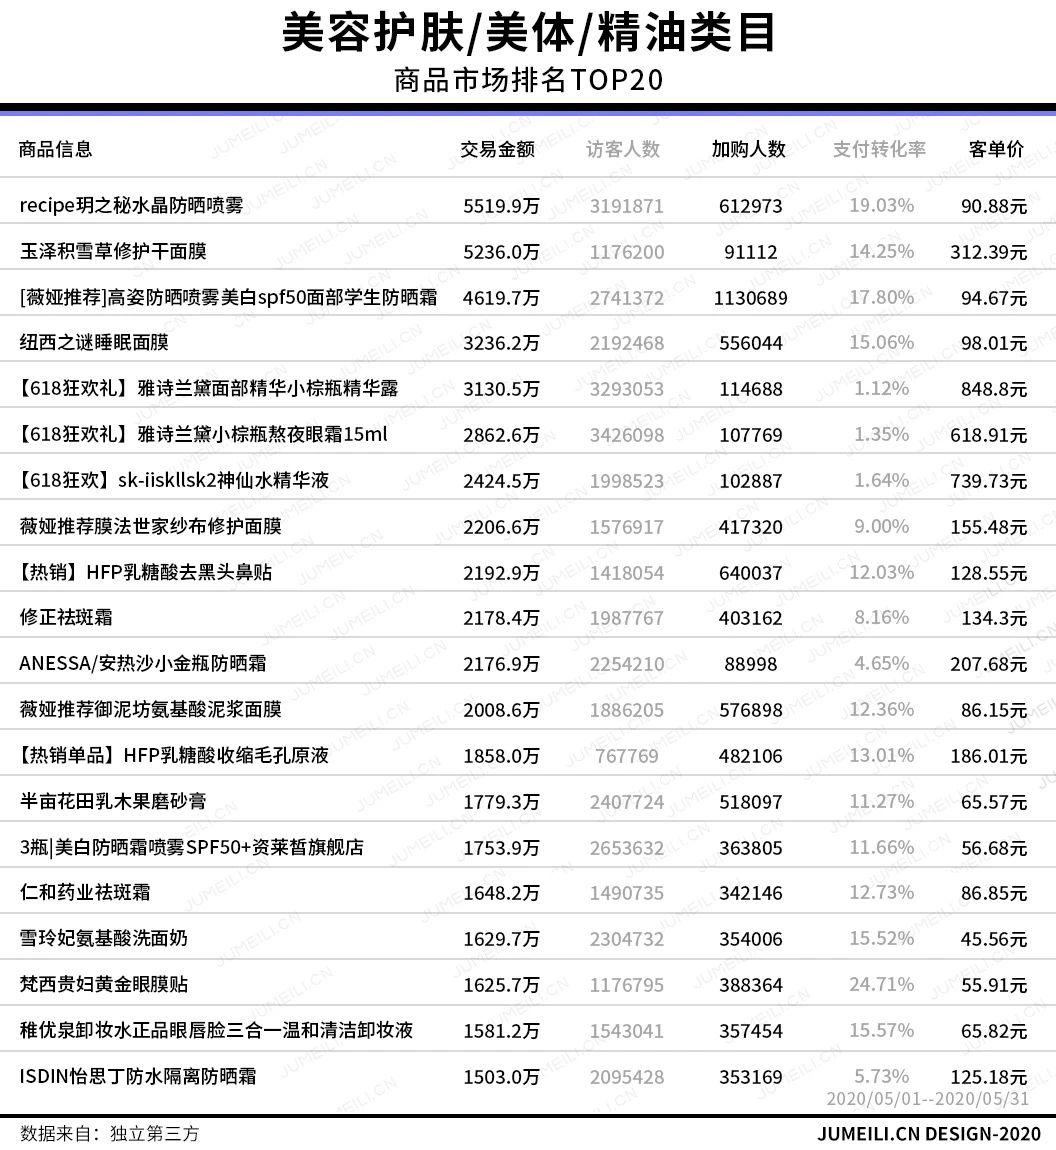 娅菲:花西子完美日记领跑TOP20,这几个品类增长超5成